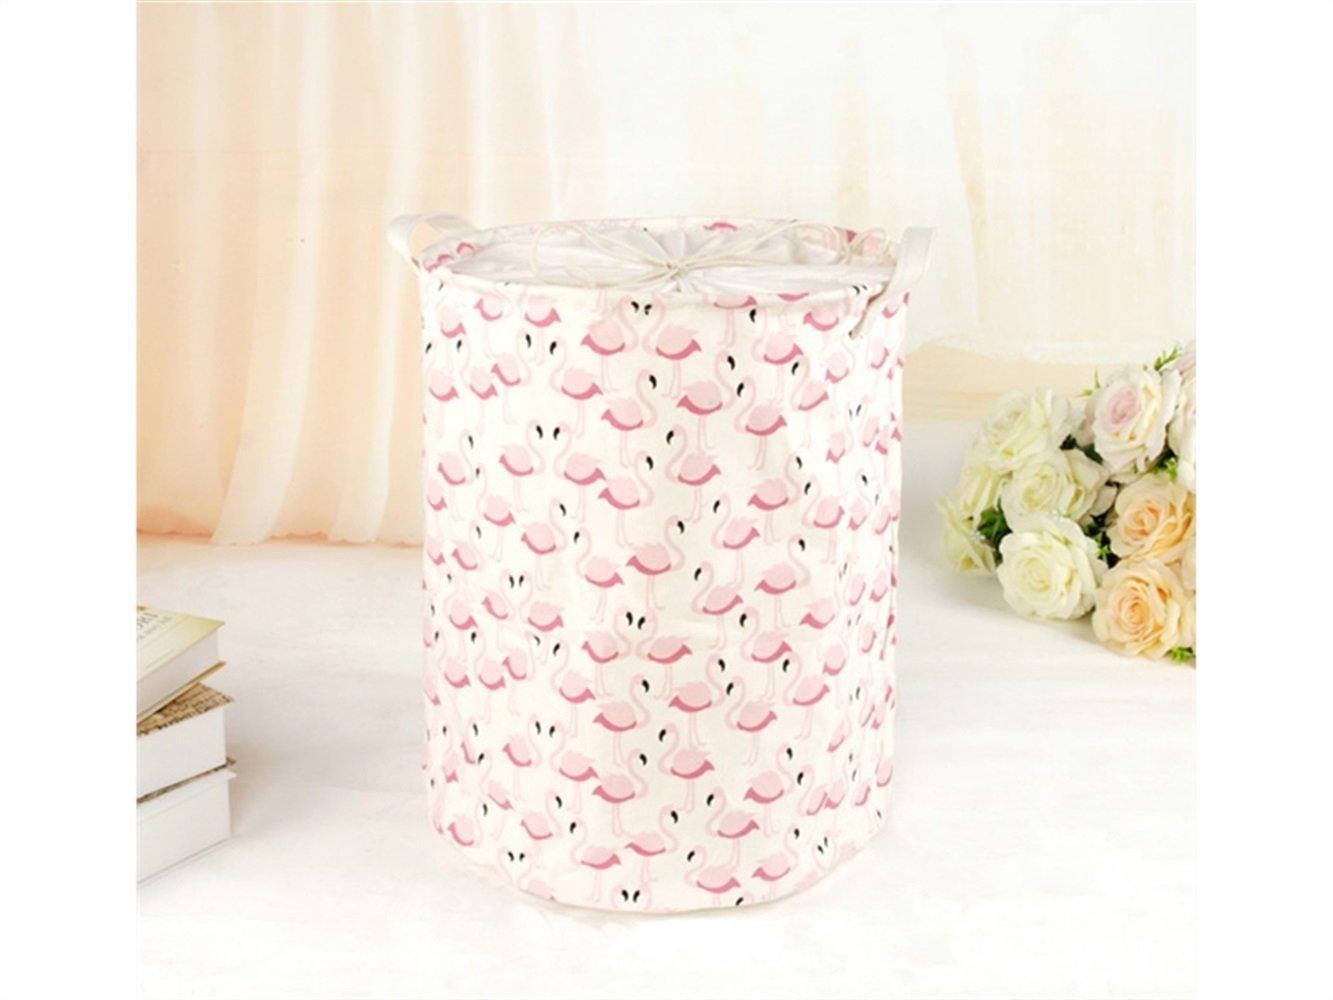 Gelaiken Lightweight Flamingo Pattern Storage Bucket Cotton and Linen Bucket Cloth Storage Bucket Sundries Storage Bucket Laundry Basket(Pink)